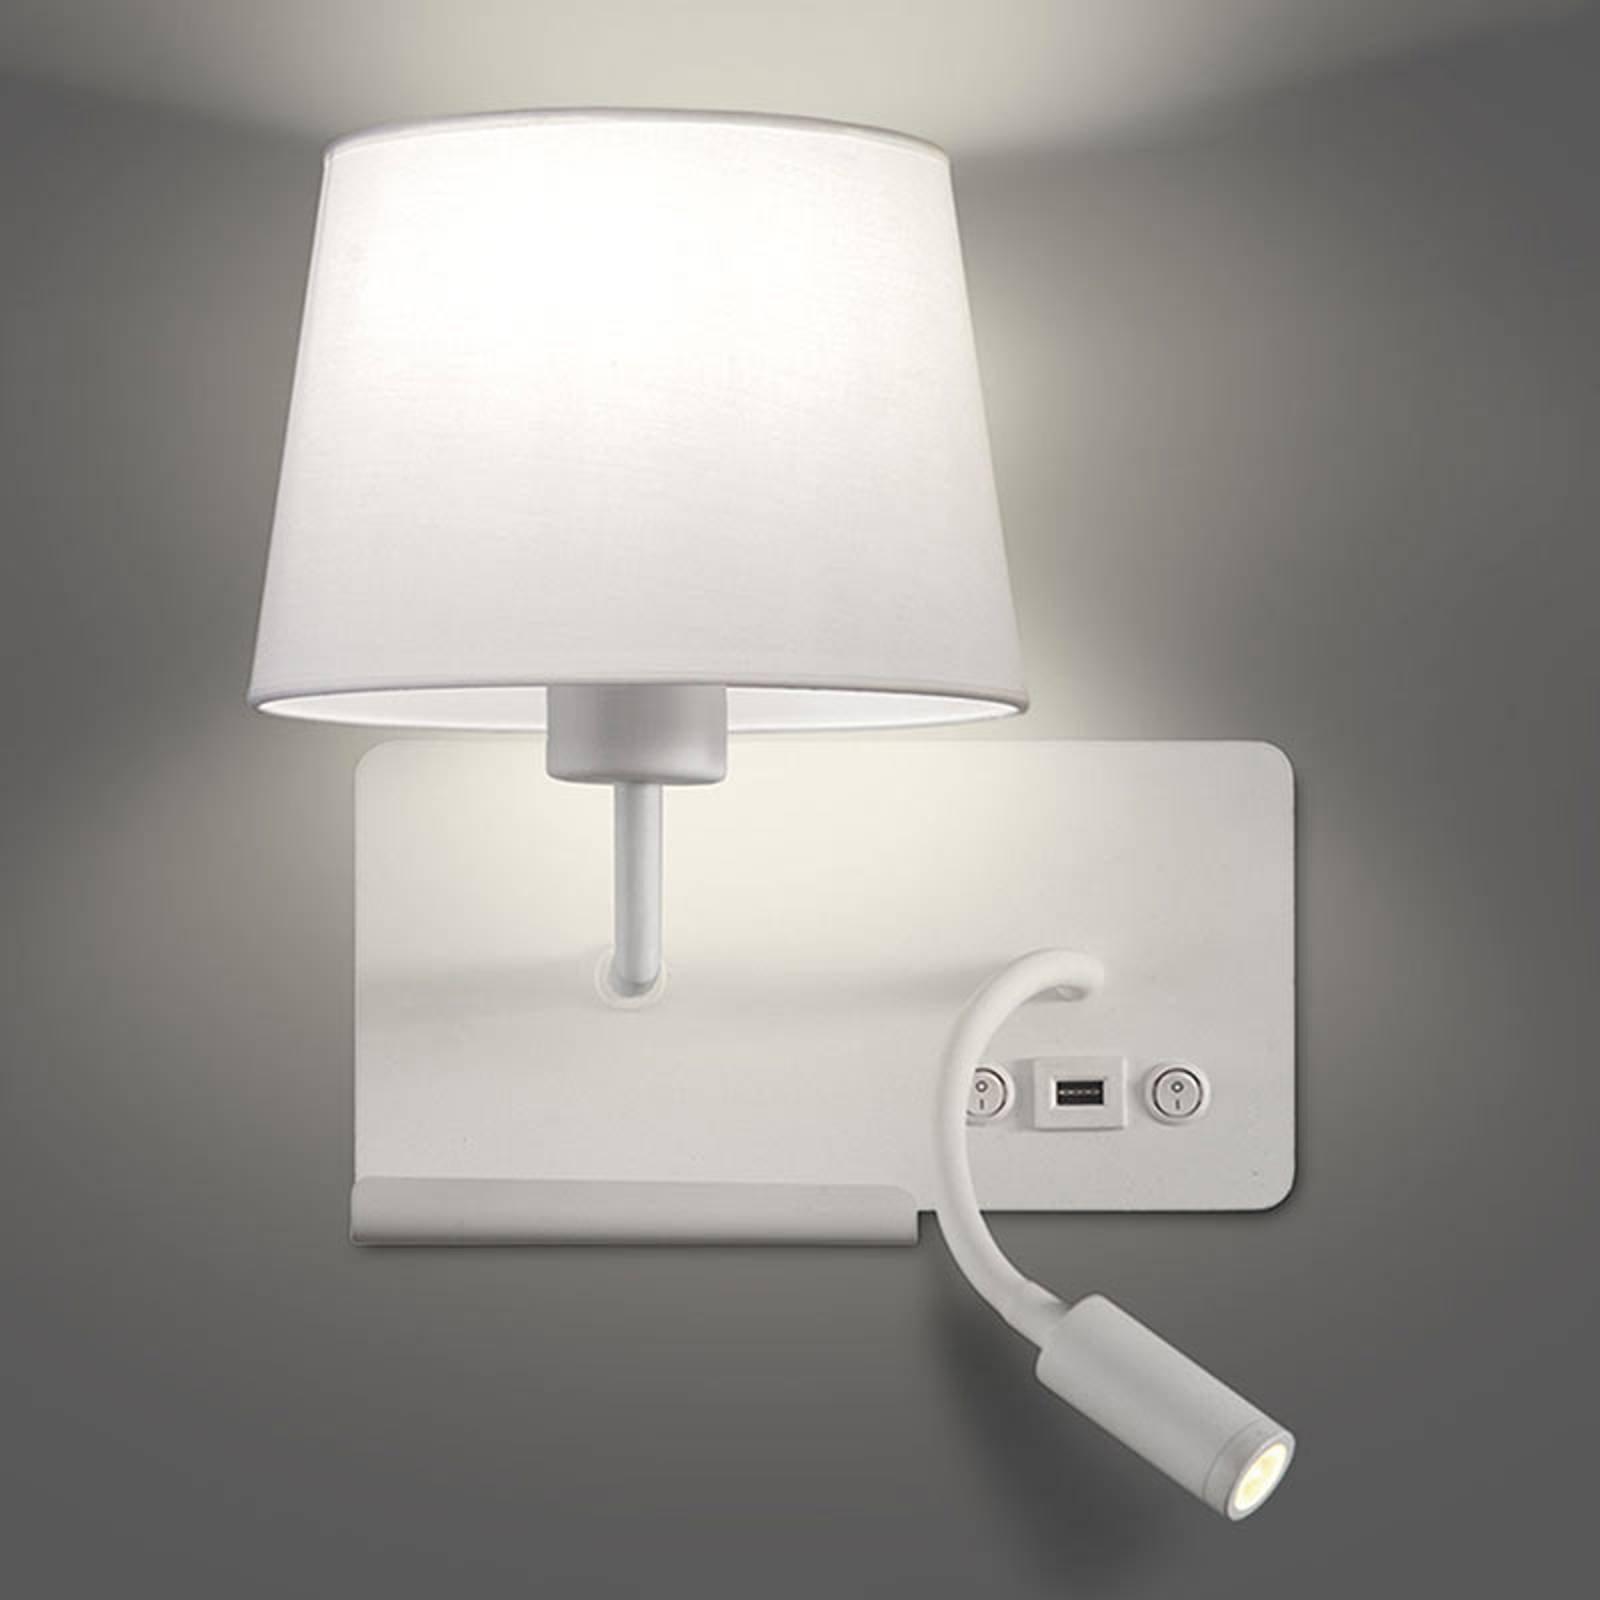 Vegglampe Hold venstre, inkl. lesearm og USB-port